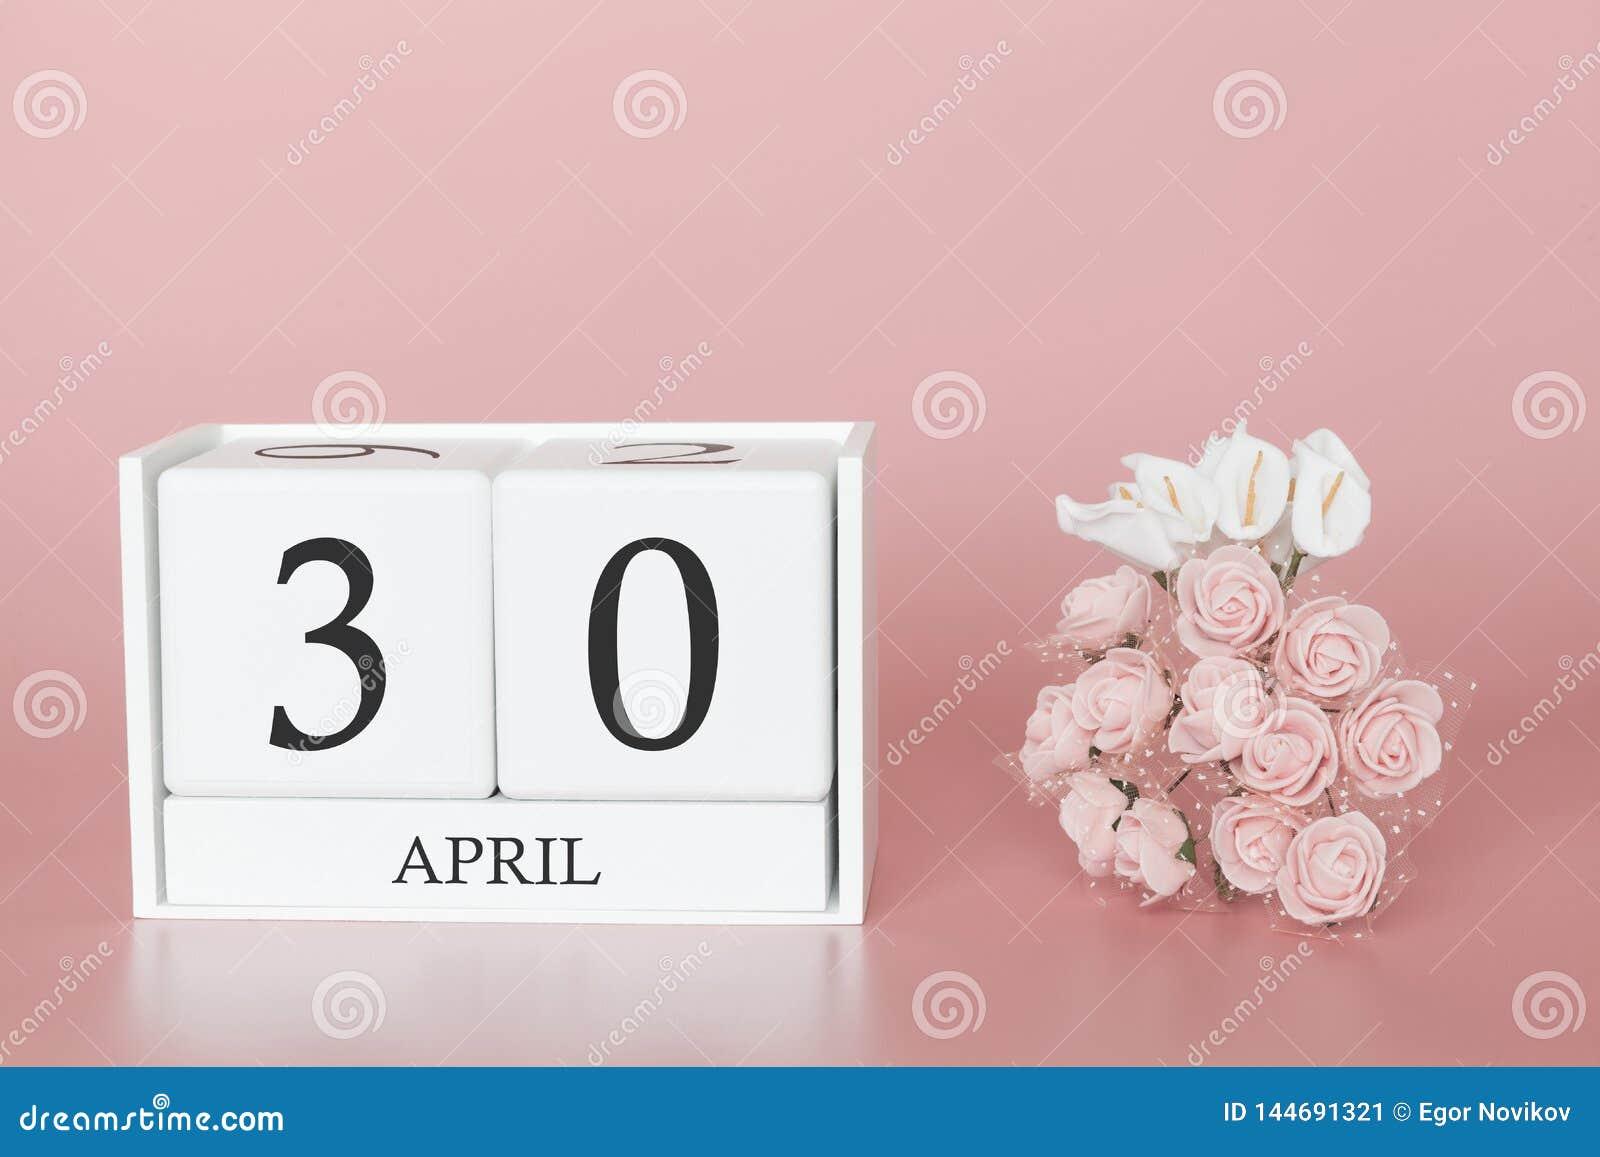 30 Απριλίου Ημέρα 30 του μήνα Ημερολογιακός κύβος στο σύγχρονο ρόδινο υπόβαθρο, την έννοια της επιχείρησης και ένα σημαντικό γεγο